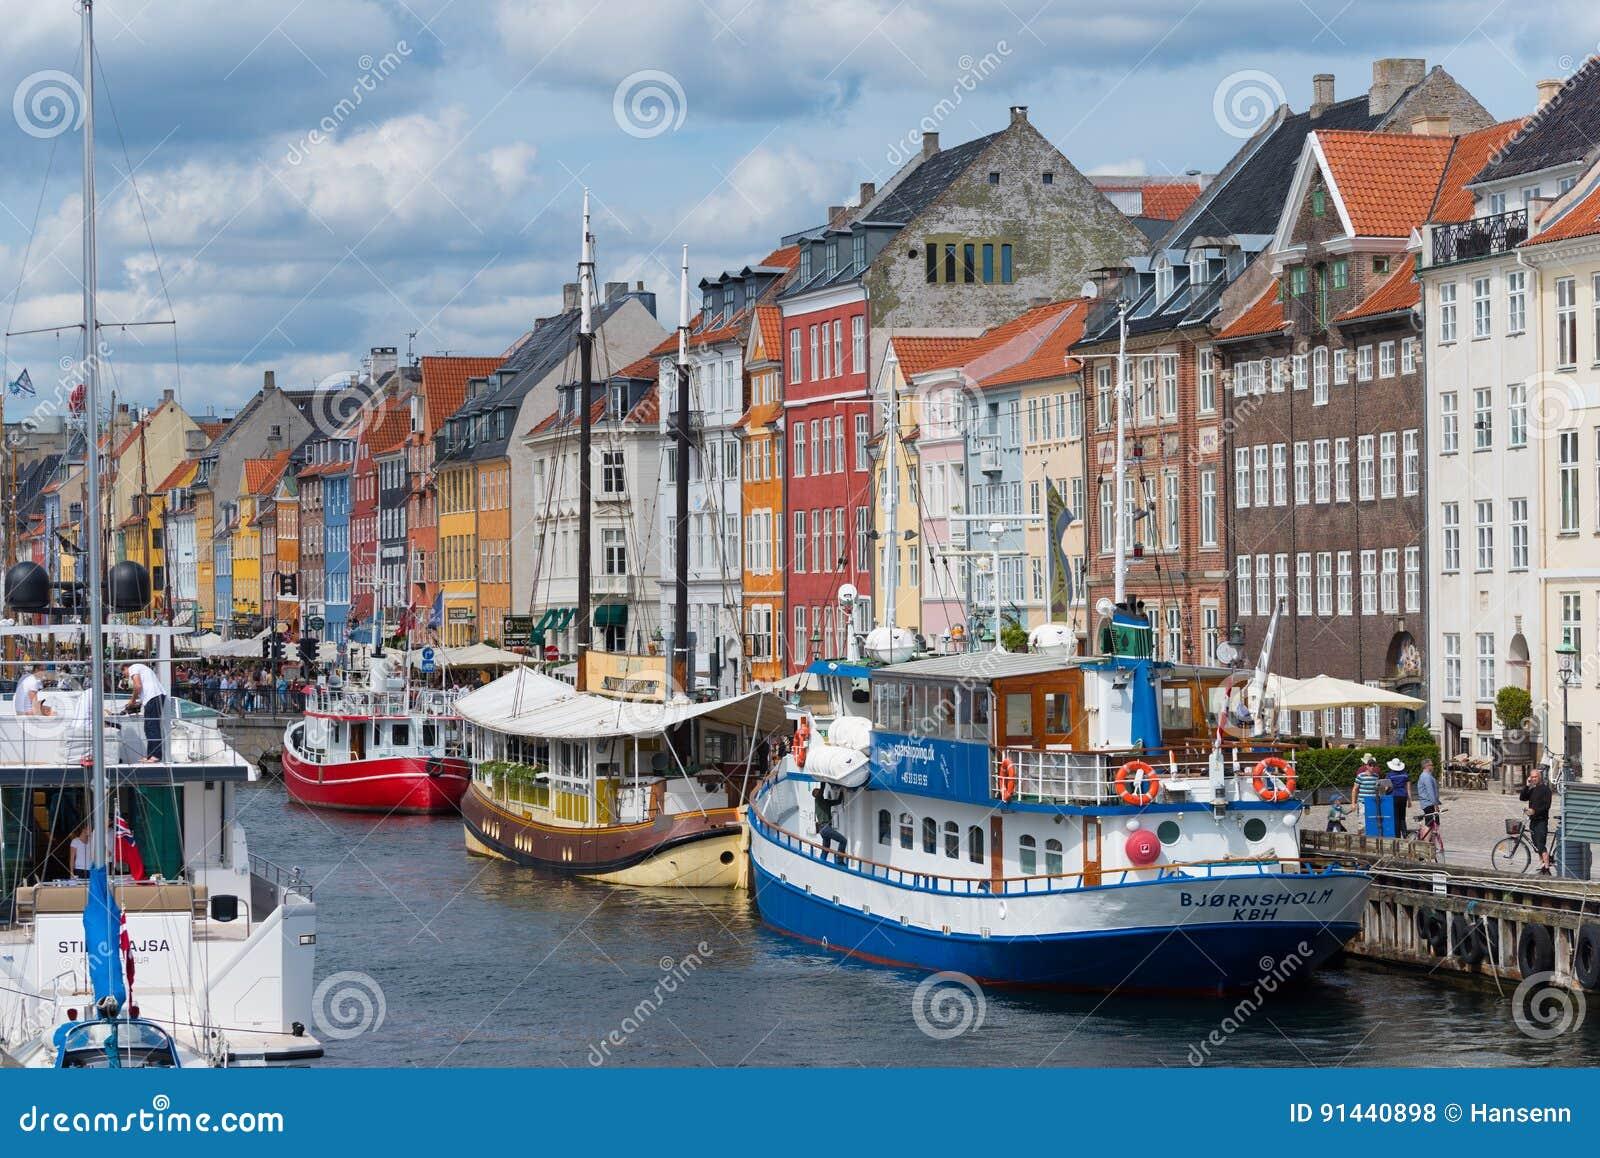 View of Nyhavn in Copenhagen, Denmark